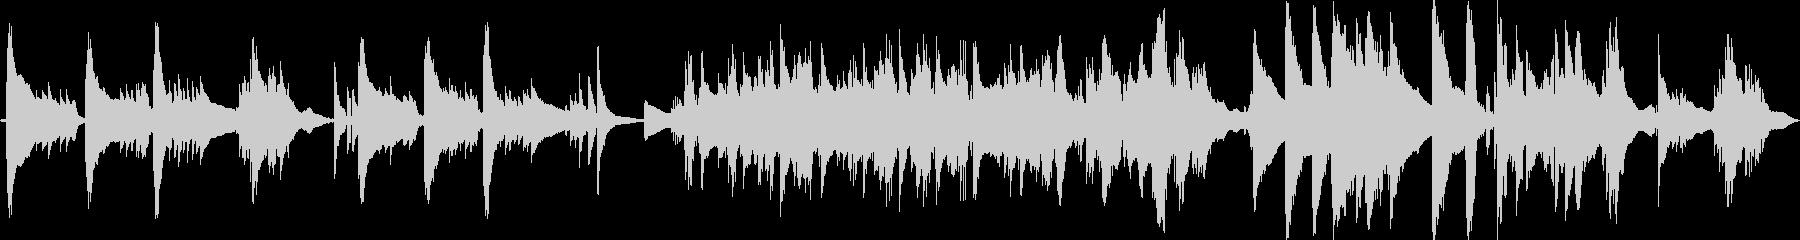 世界 スパニッシュギター フラメンコの未再生の波形